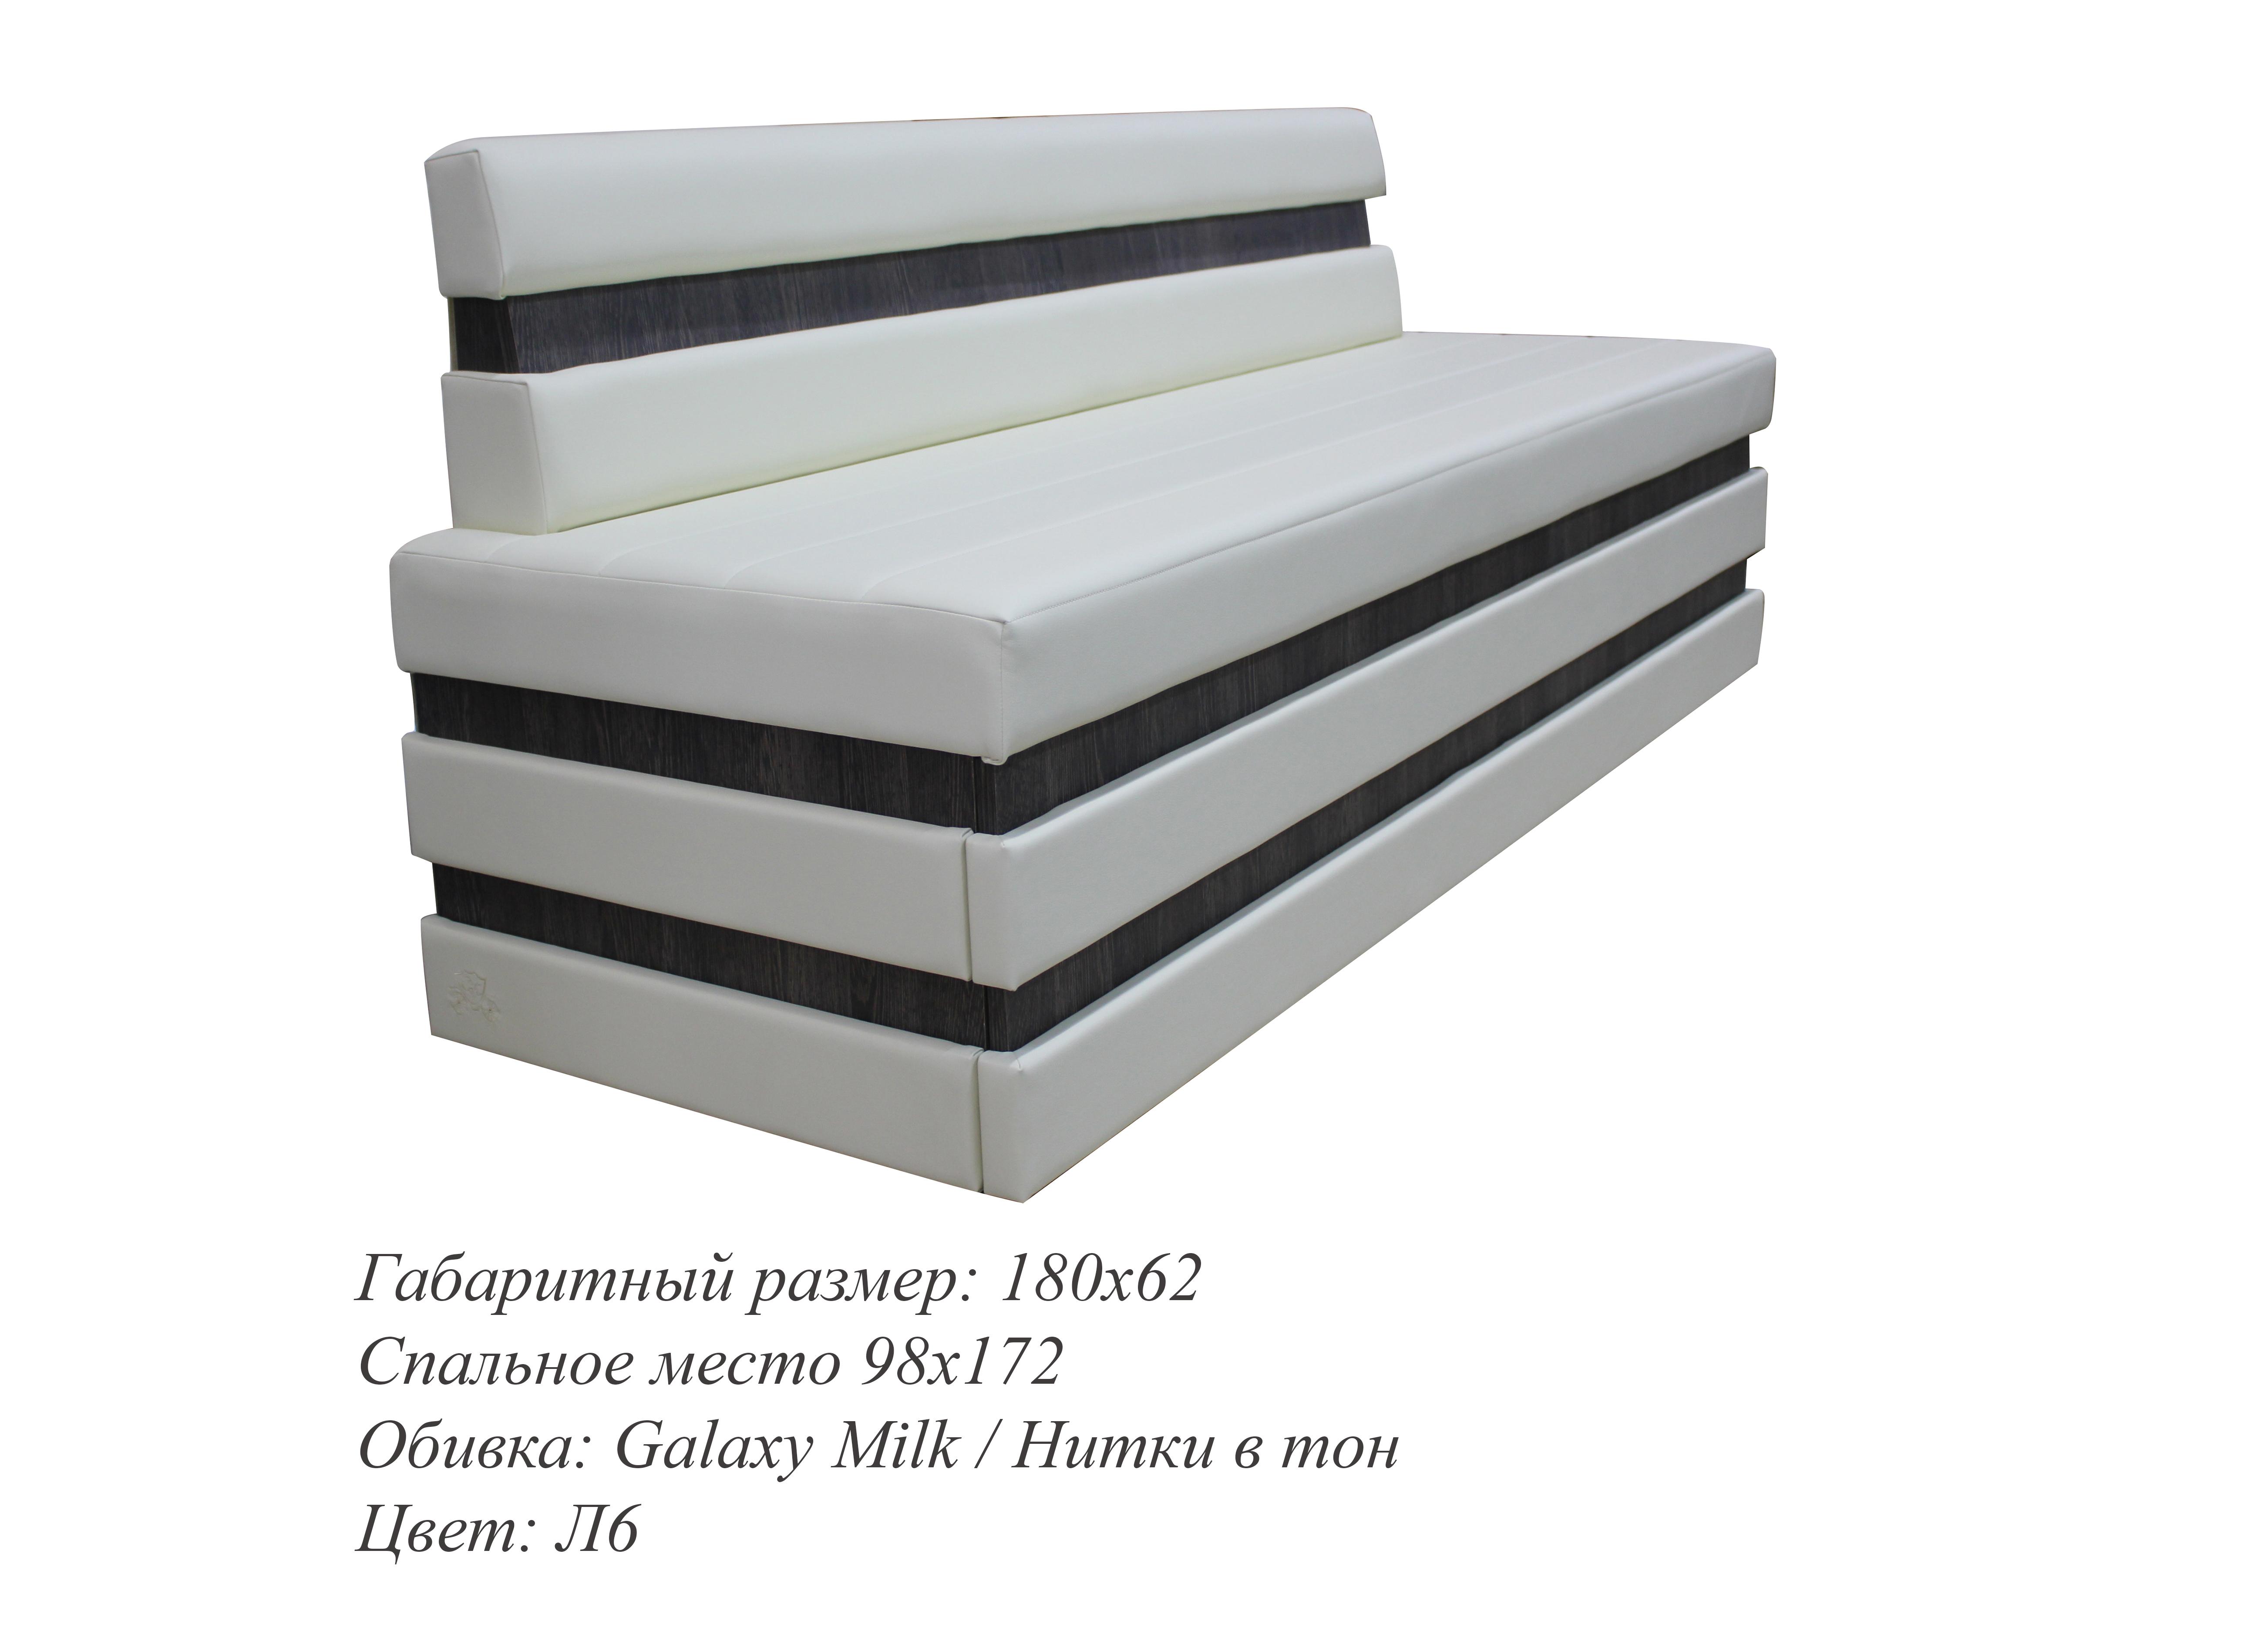 Кухонный диван Фостер - Galaxy — Кухонный диван Фостер